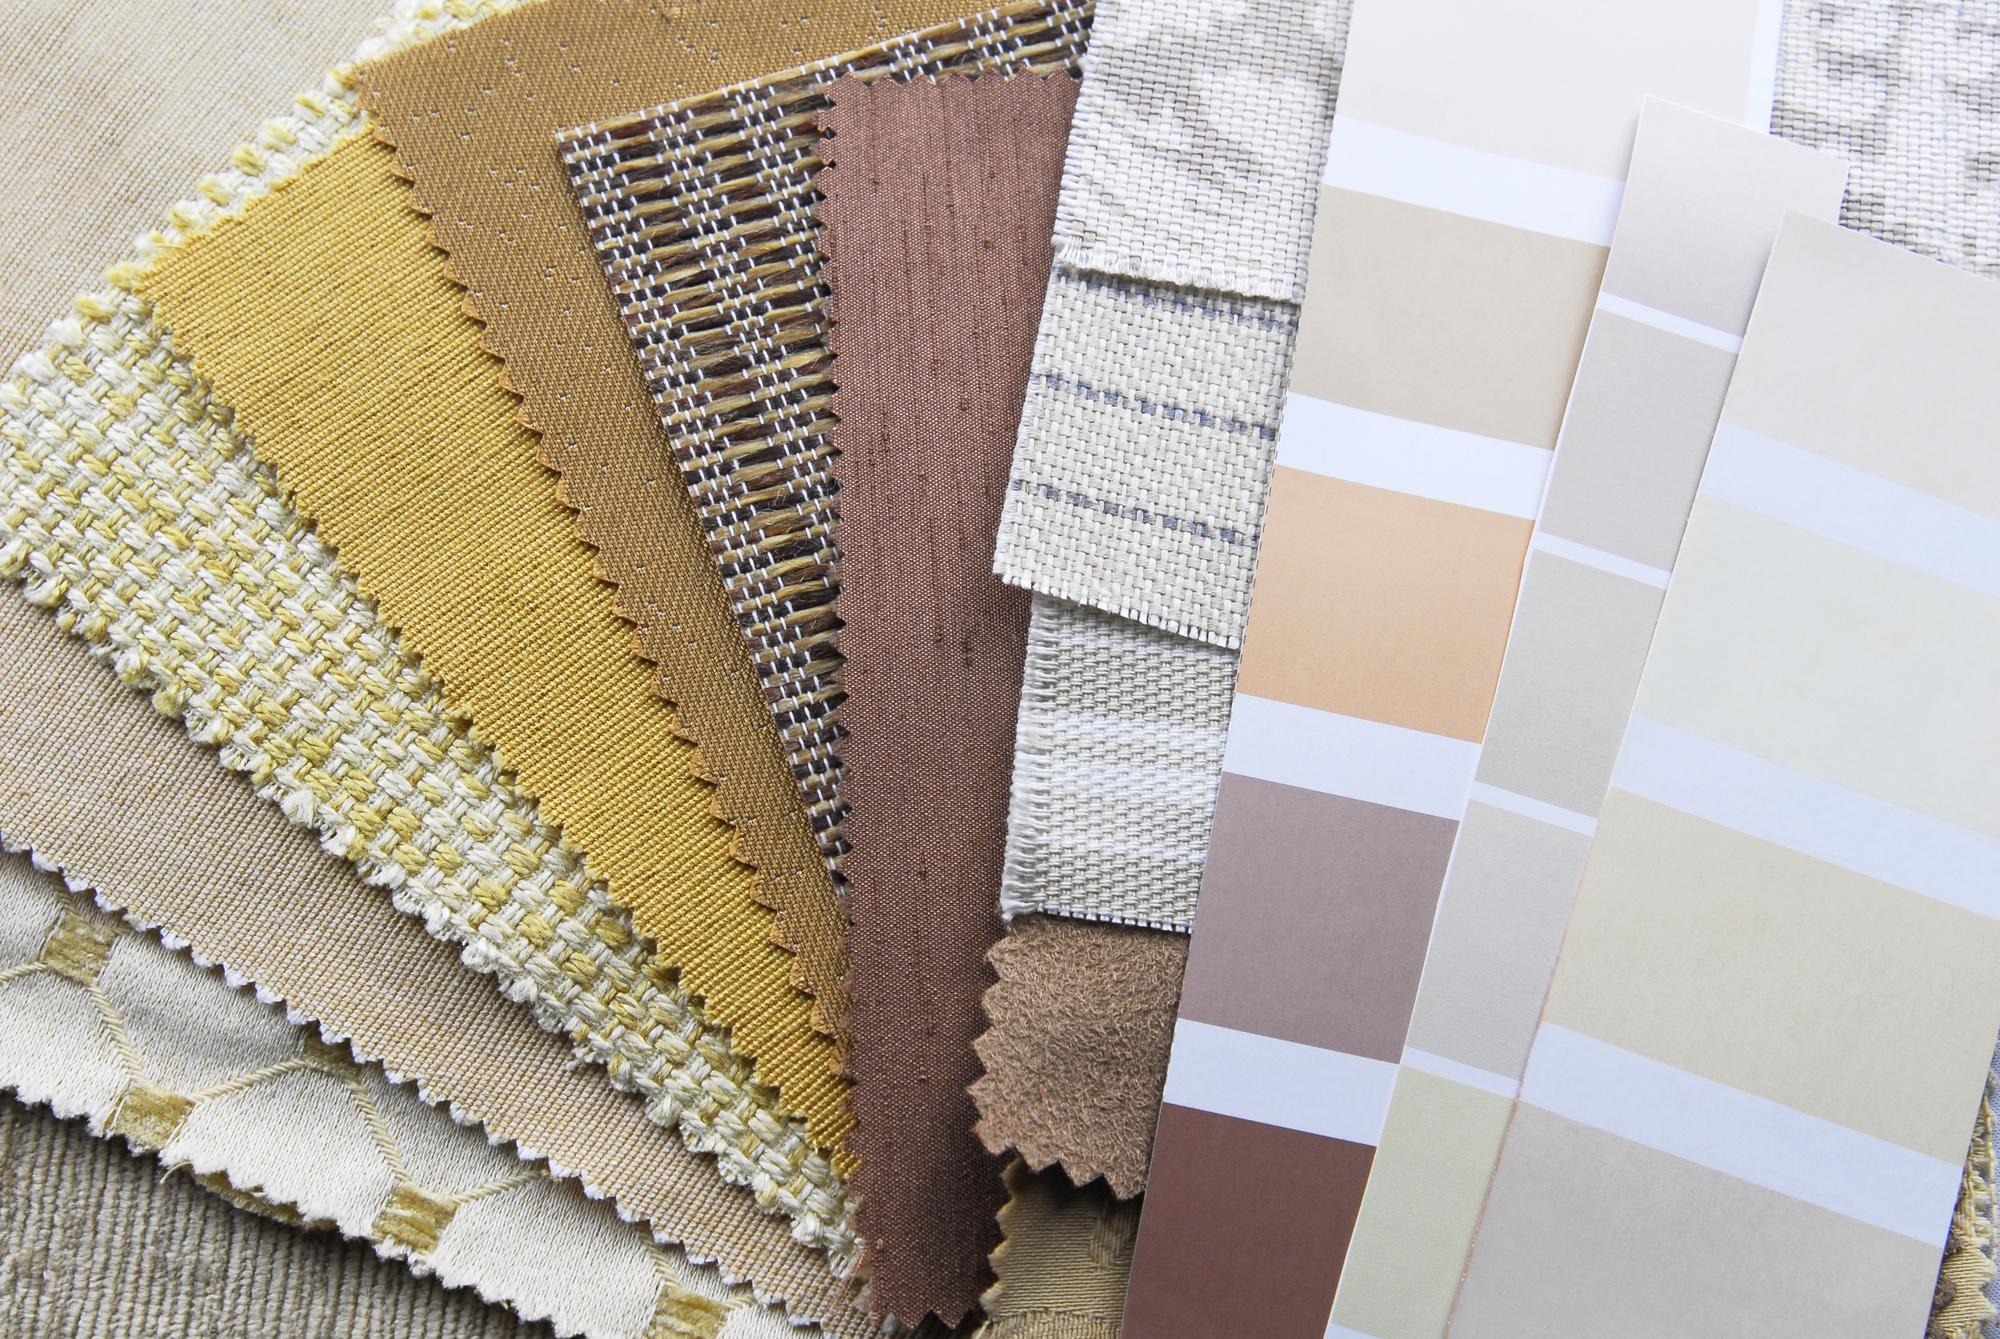 Paleta de colores cálidos para decoración moderna